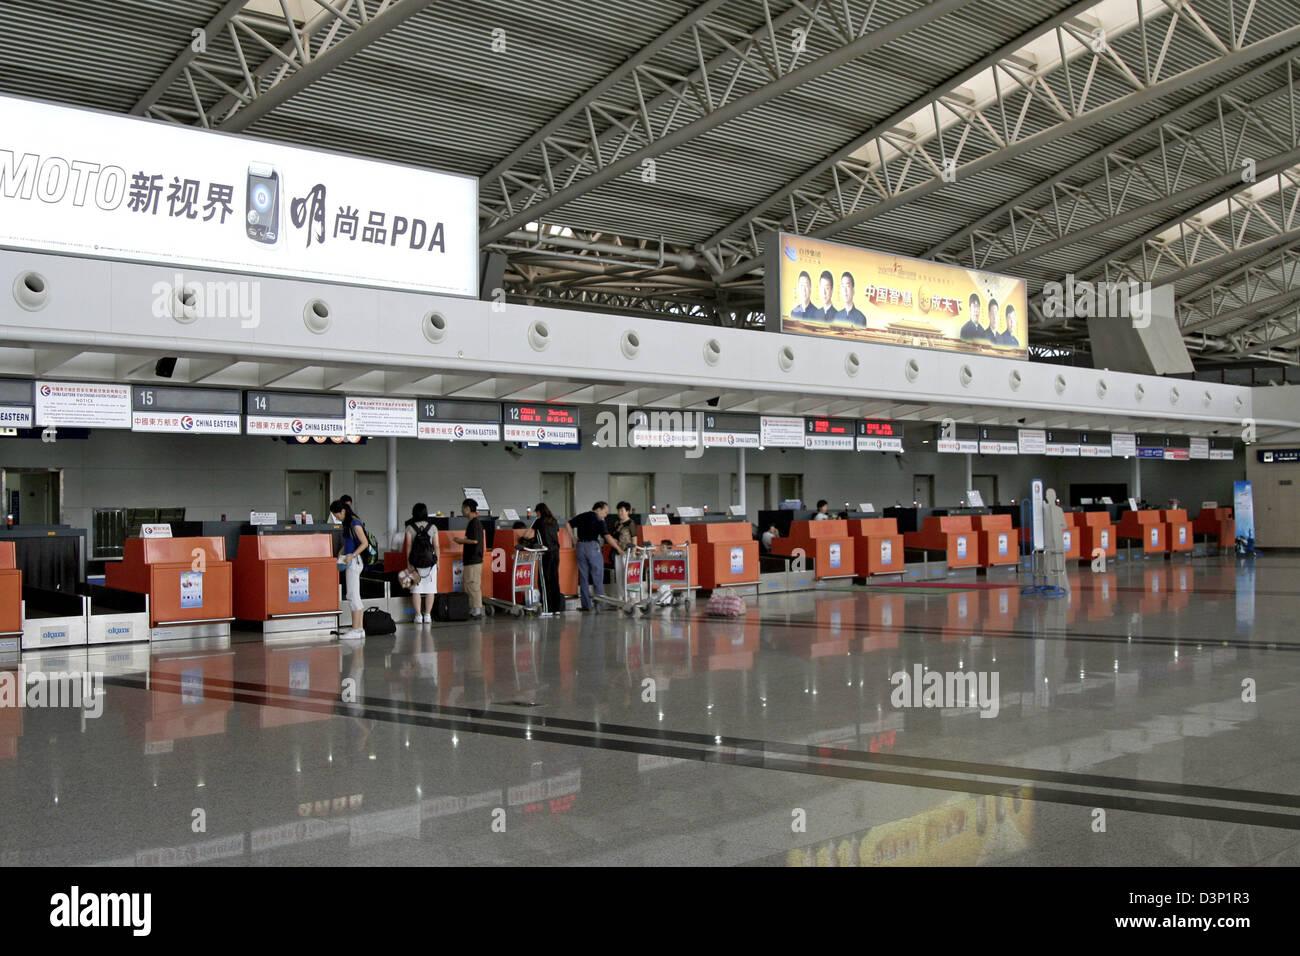 Xian Aeroporto : Xian airport china immagini xian airport china fotos stock alamy